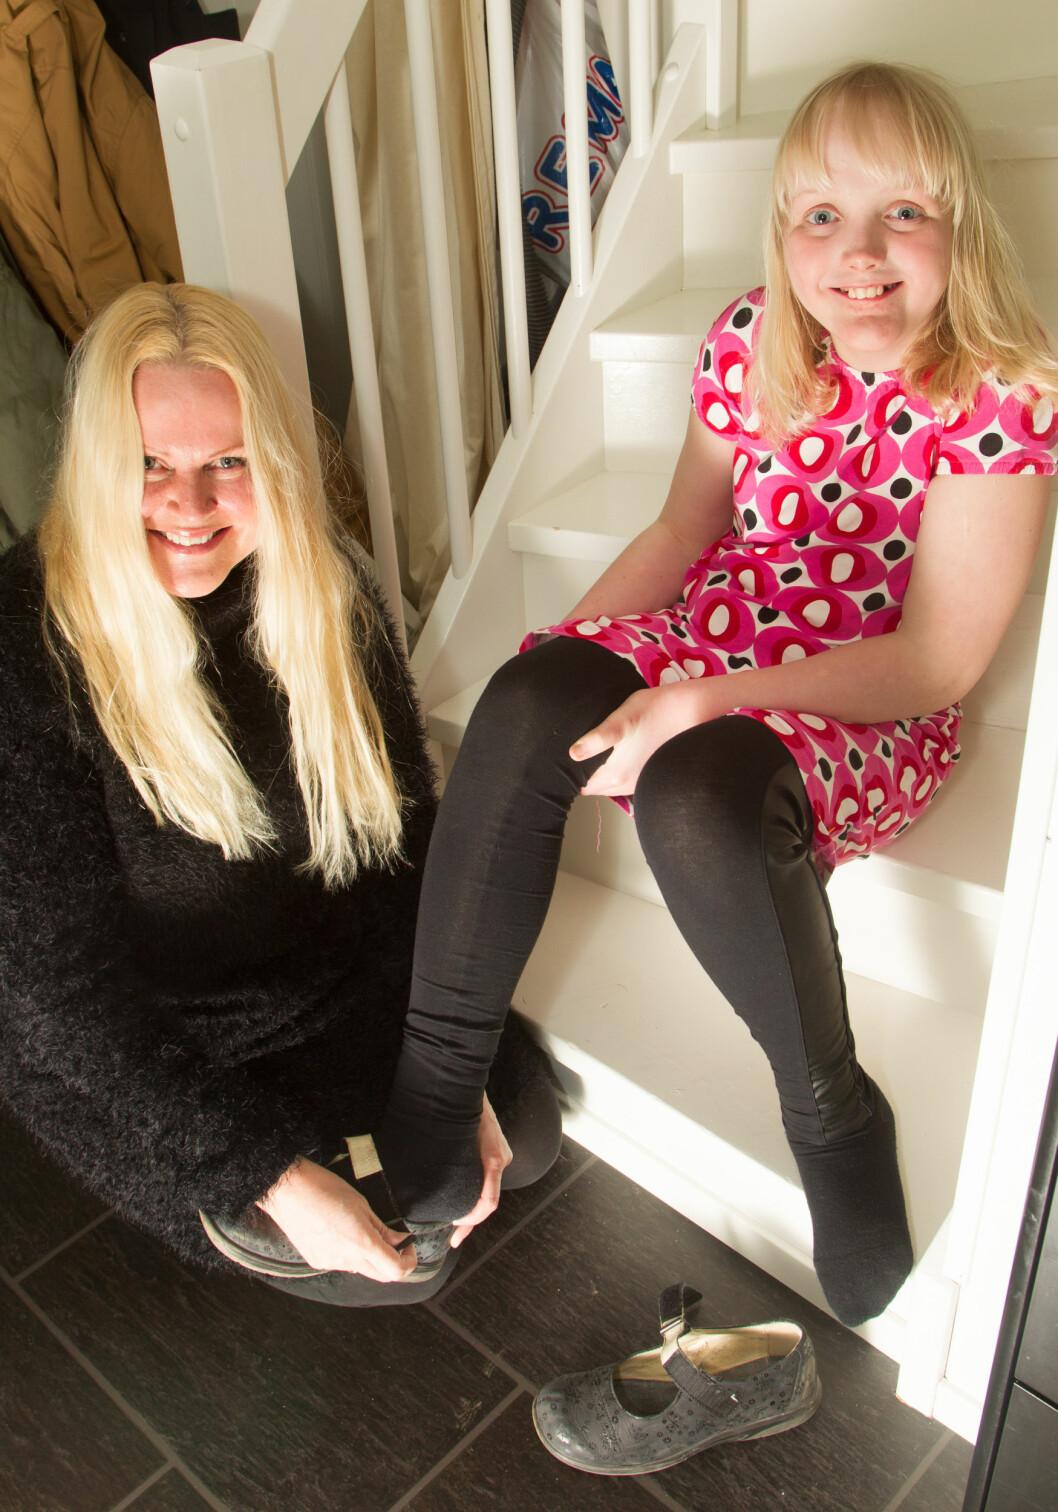 STORE SKO: Mille bruker allerede sko i størrelse 42,5. Foto: SVEND AAGE MADSEN/SE OG HØR